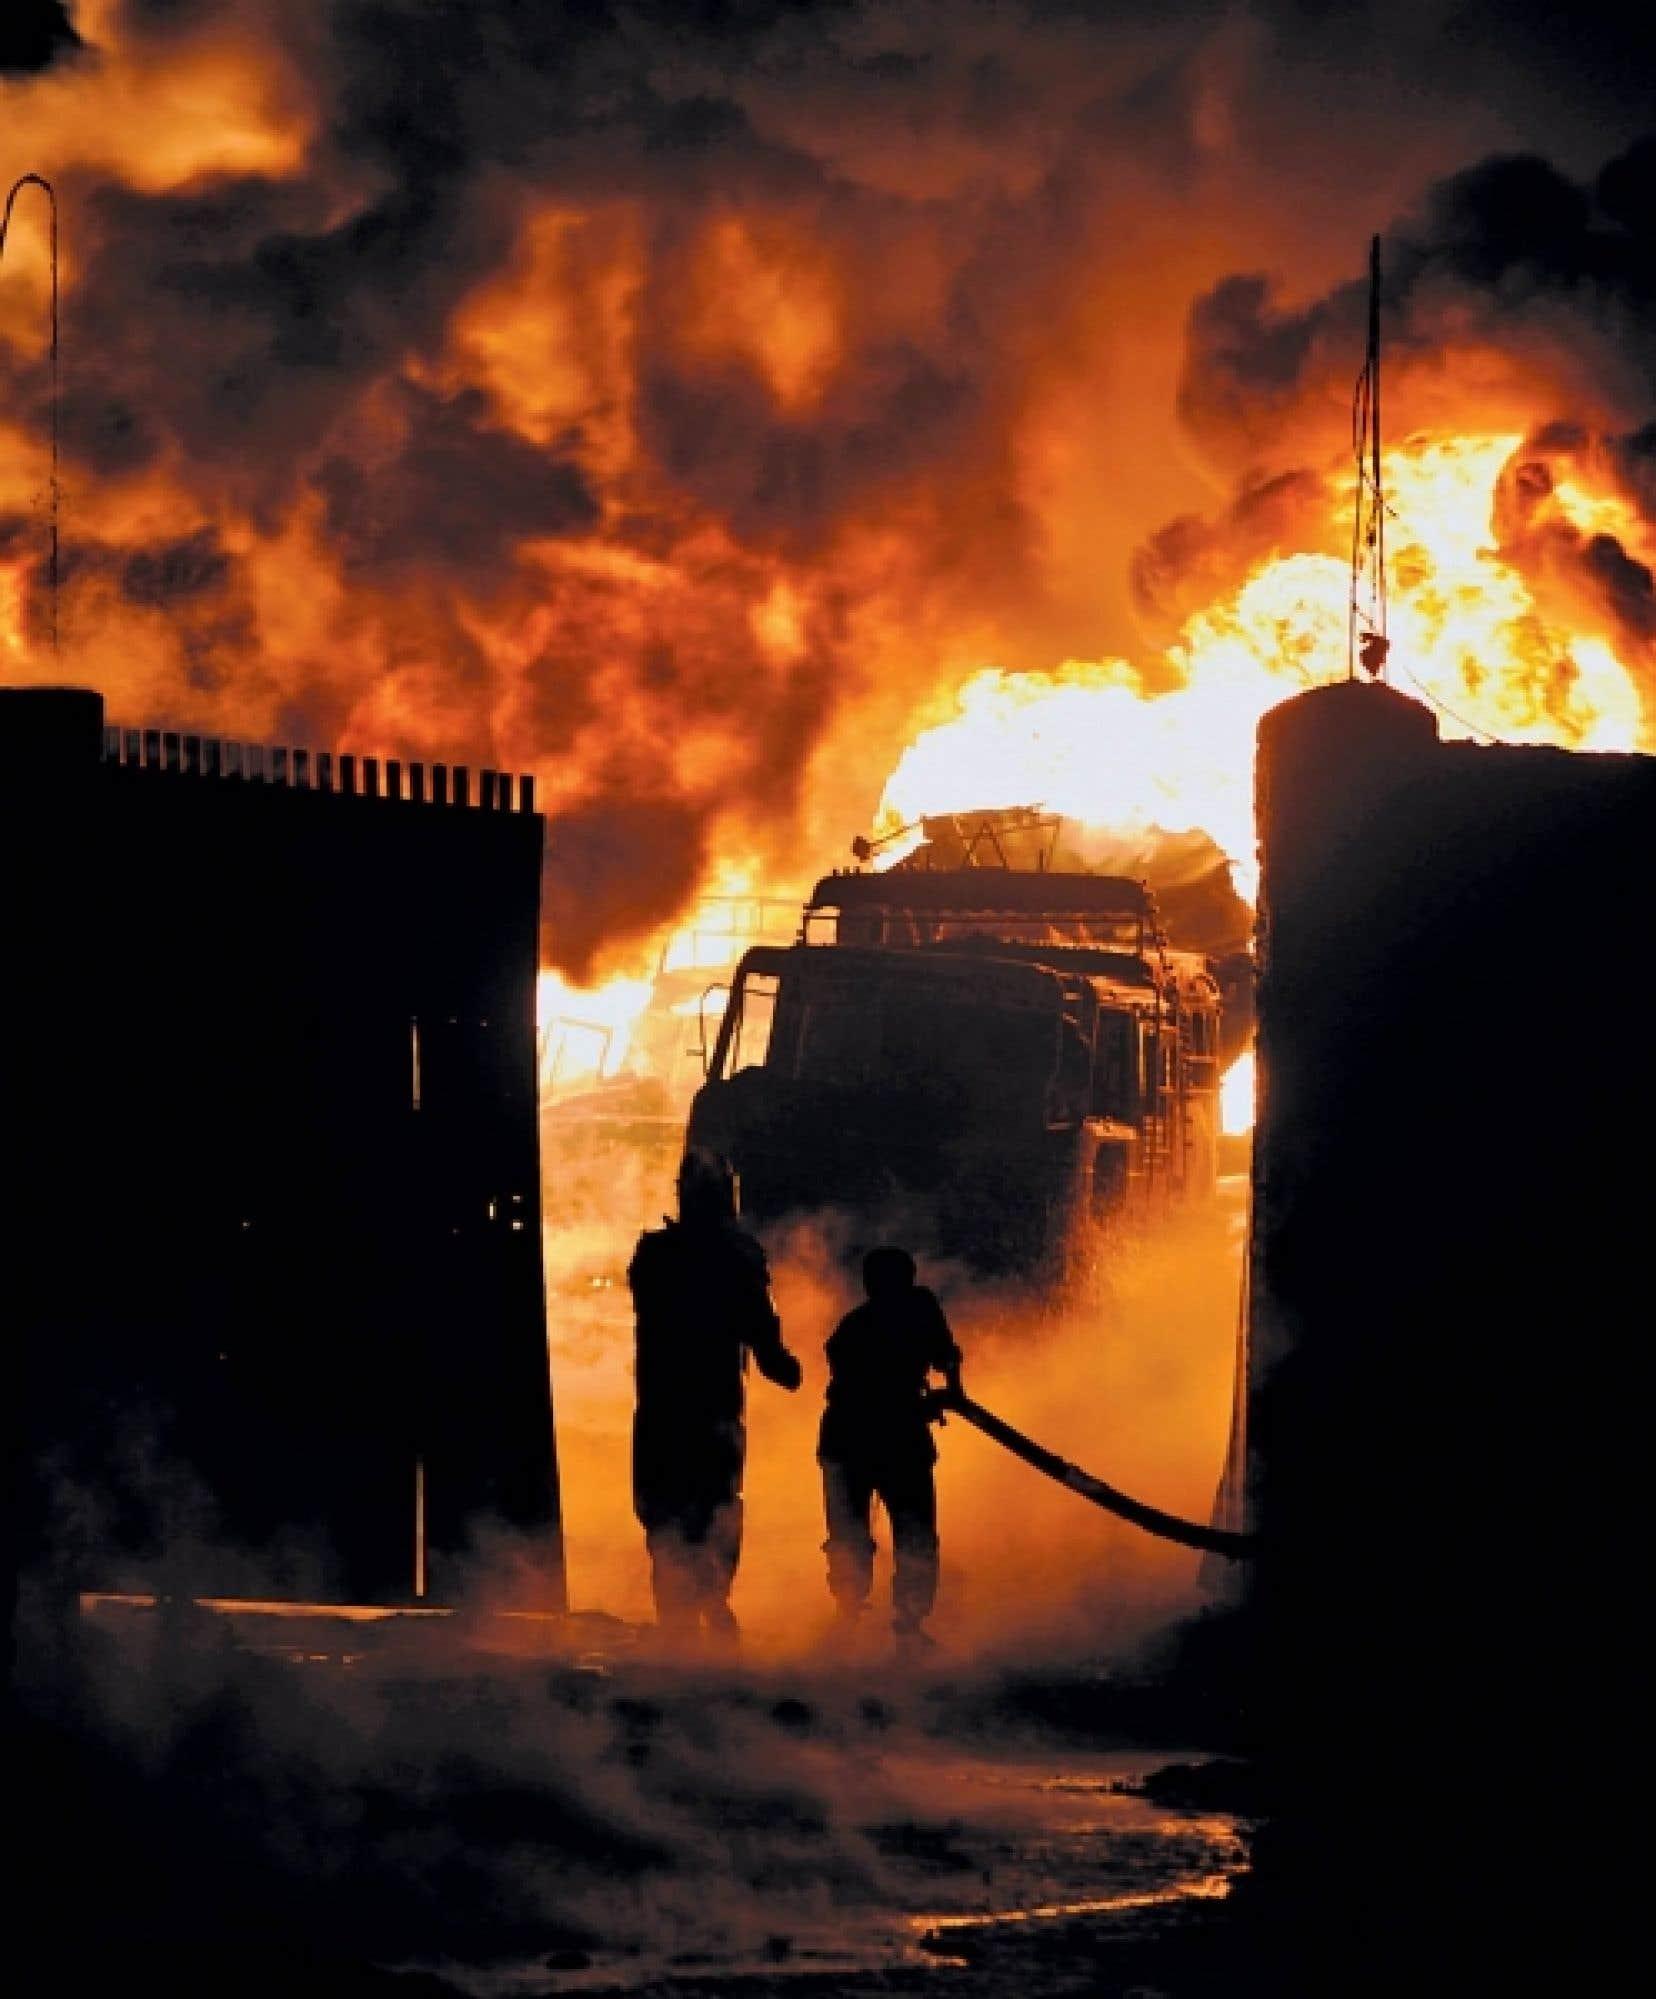 Au moins 34 camions se sont enflammés après que deux hommes armés eurent tiré des balles et une roquette contre des camions-citernes de carburant stationnés dans le dépôt de l'OTAN.<br />